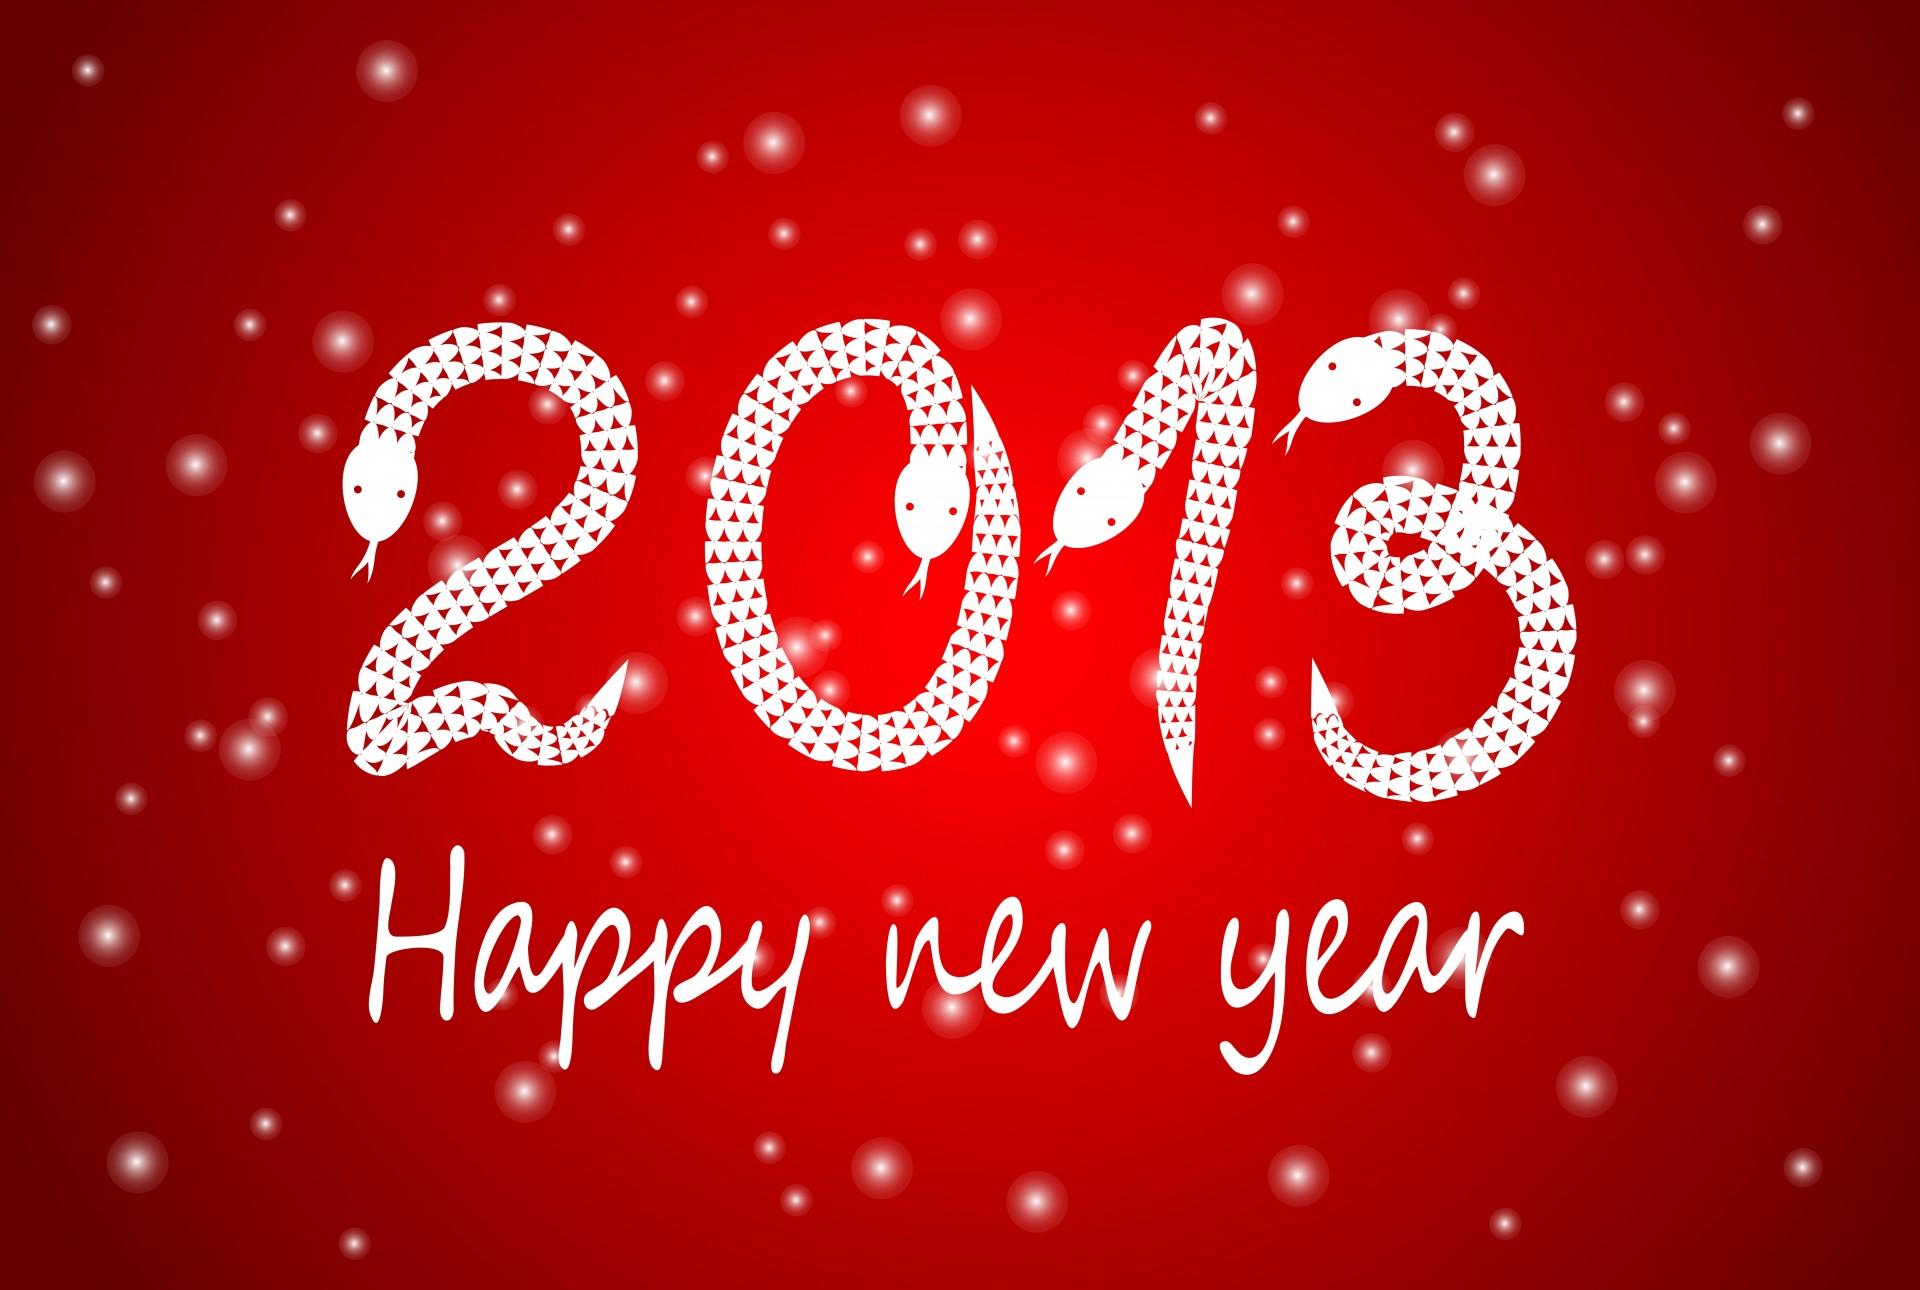 Гифки, картинки с надписью с новым годом на английском